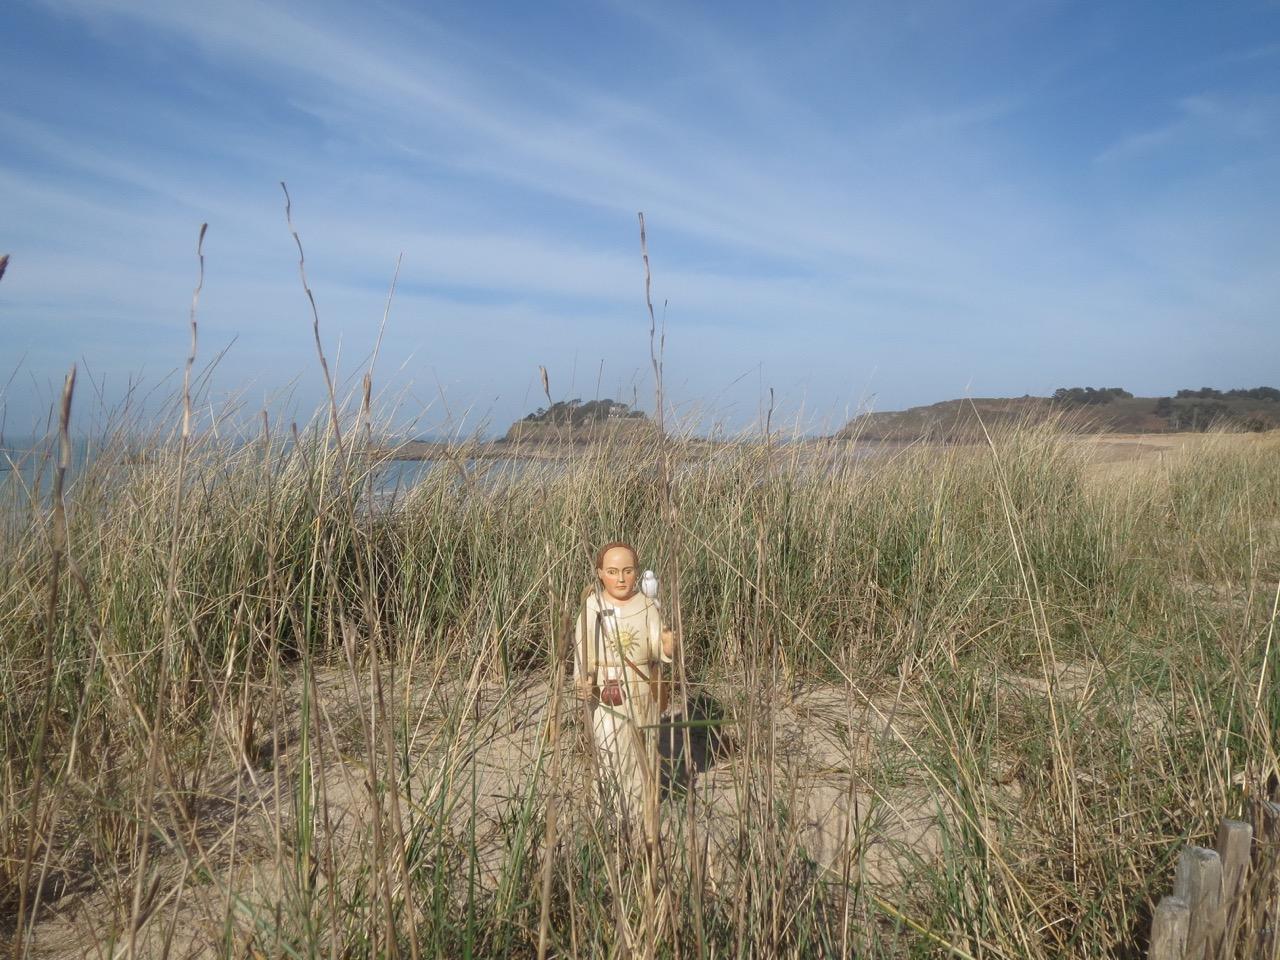 Saint Colomban sur la plage du Guesclin